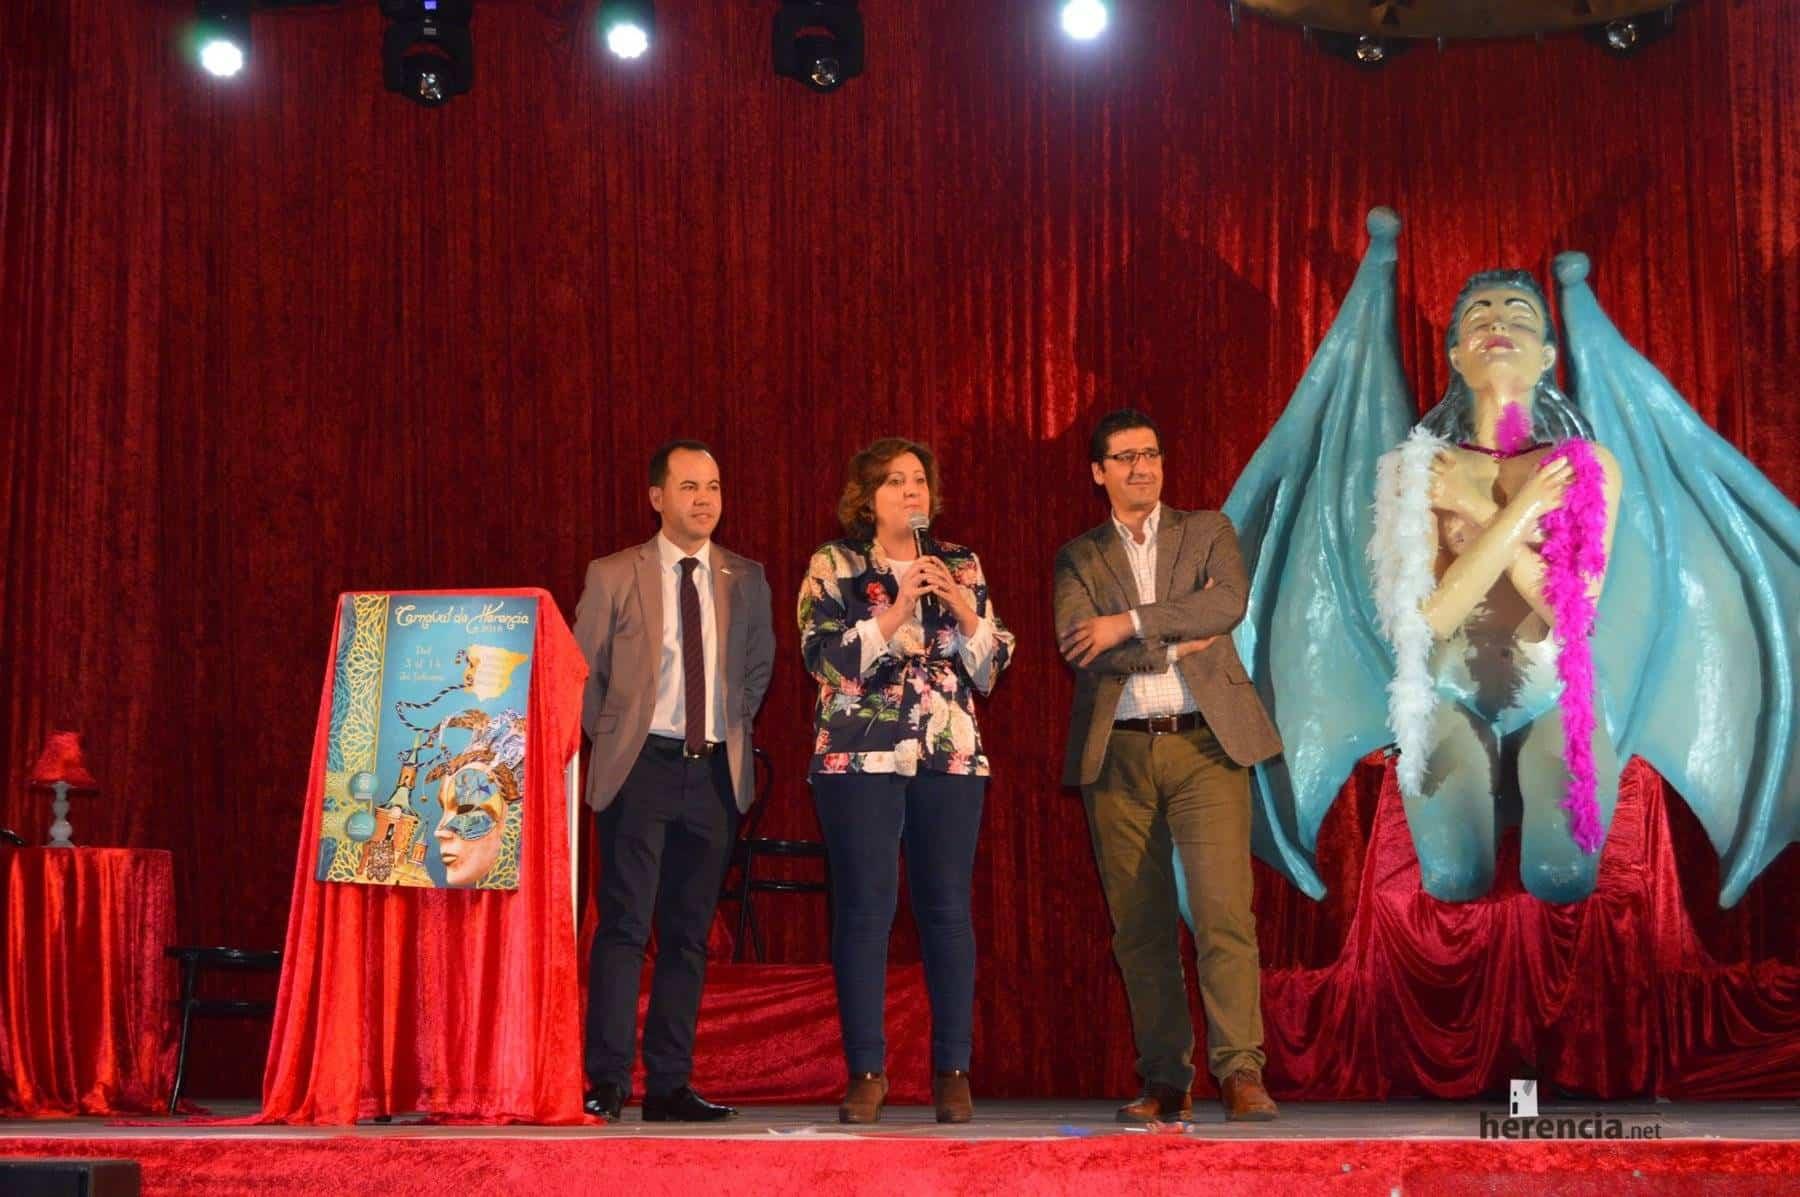 carnaval de herencia patricia franco clm 4 - Patricia Franco, Consejera de Economía de la Junta en el Carnaval de Herencia